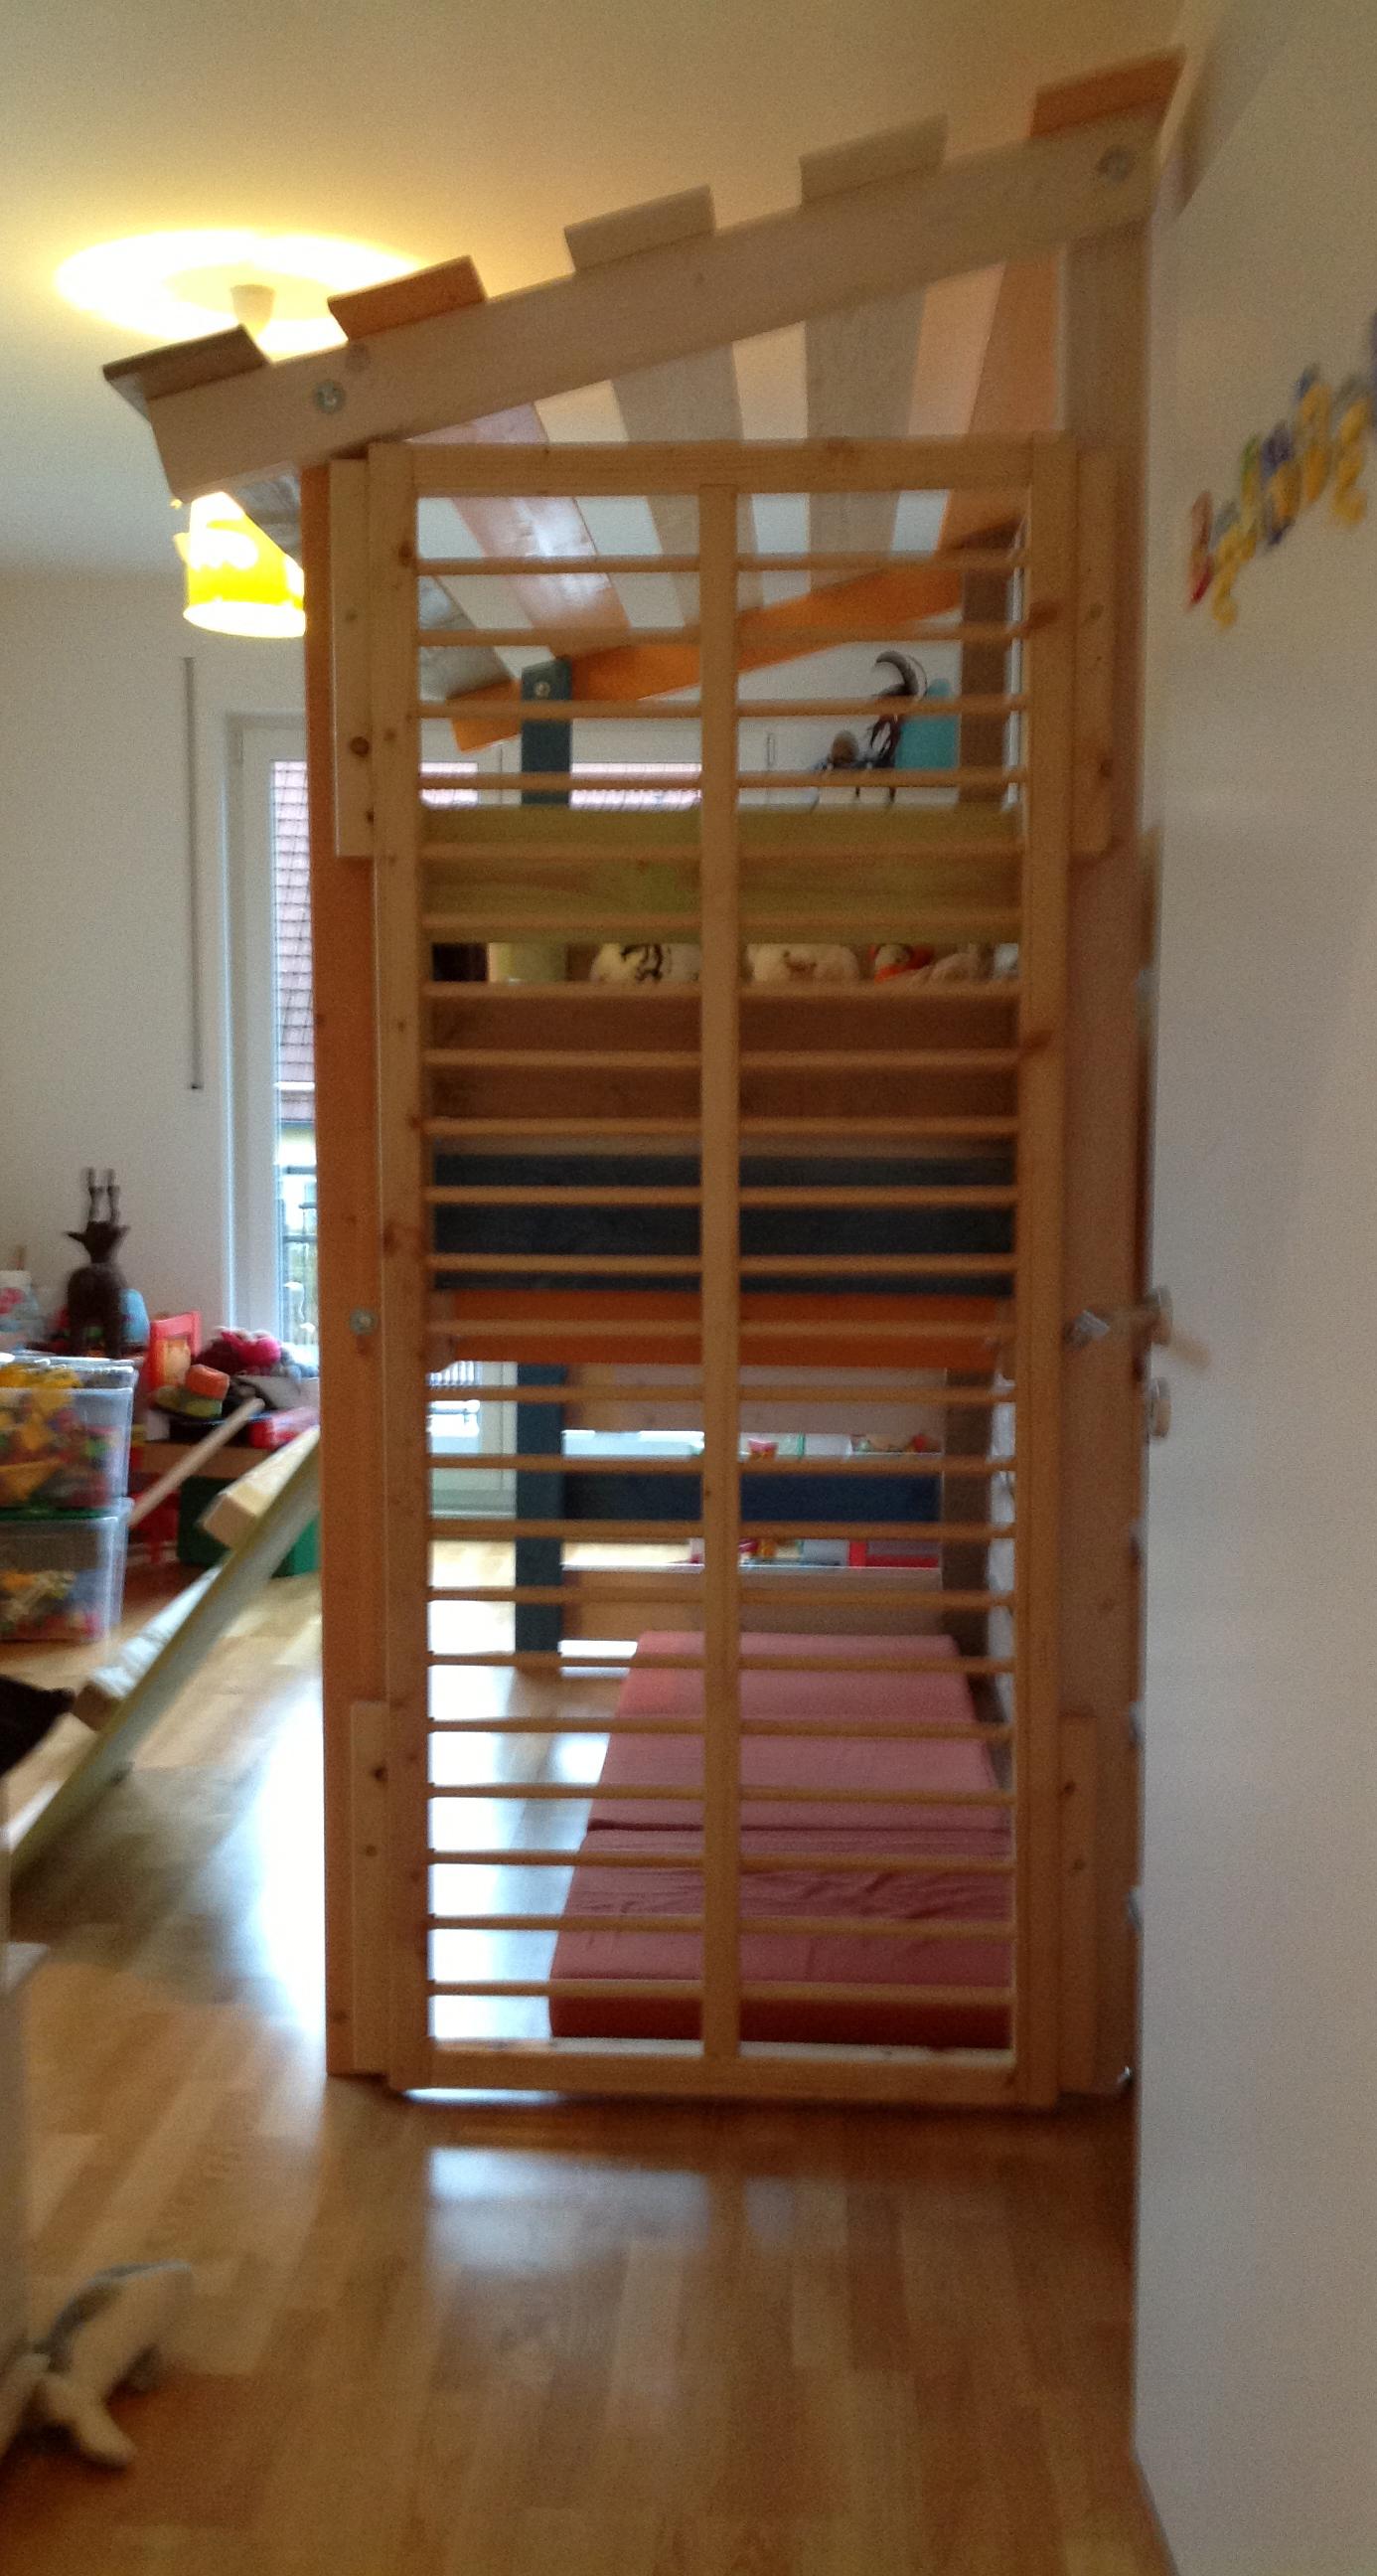 kinderhochbett und spielparadies marc behrend gutes aus holz. Black Bedroom Furniture Sets. Home Design Ideas